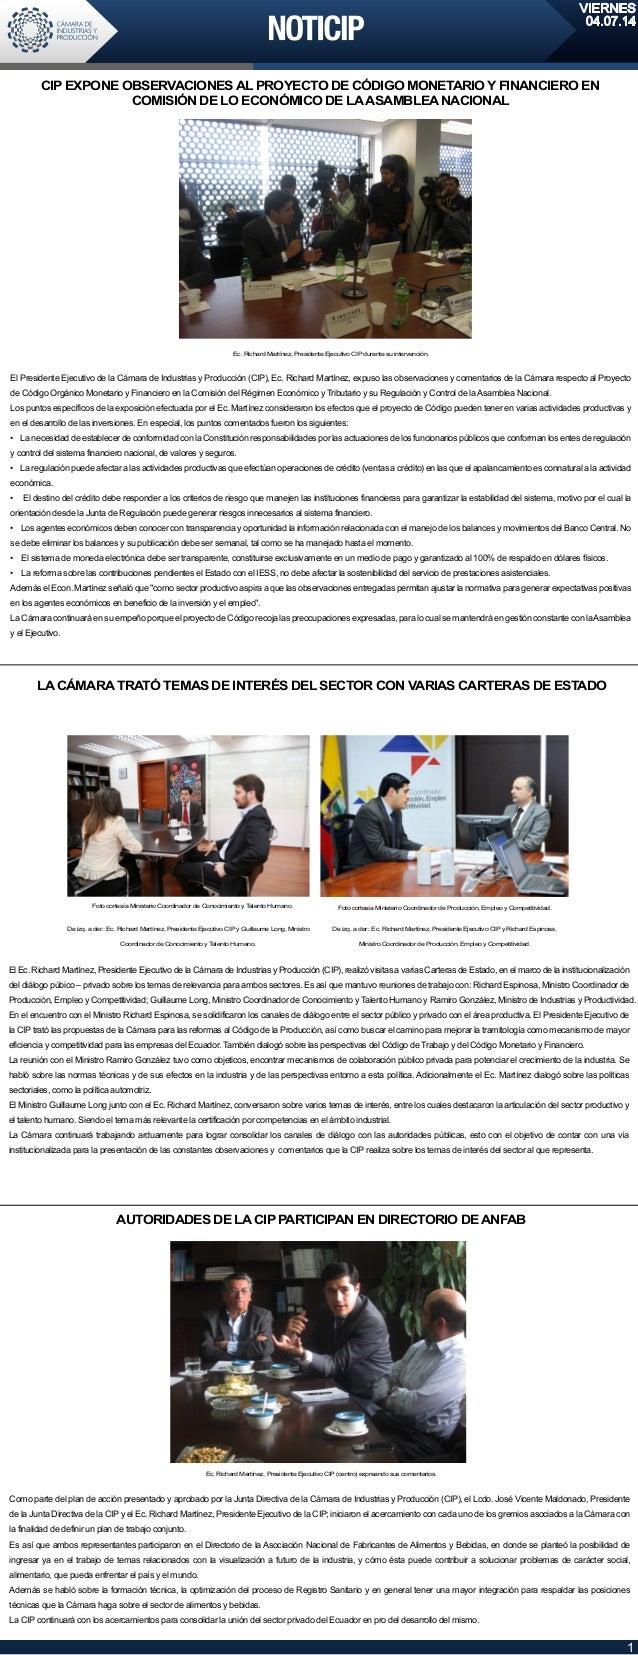 VIERNES 04.07.14 1 Como parte del plan de acción presentado y aprobado por la Junta Directiva de la Cámara de Industrias y...